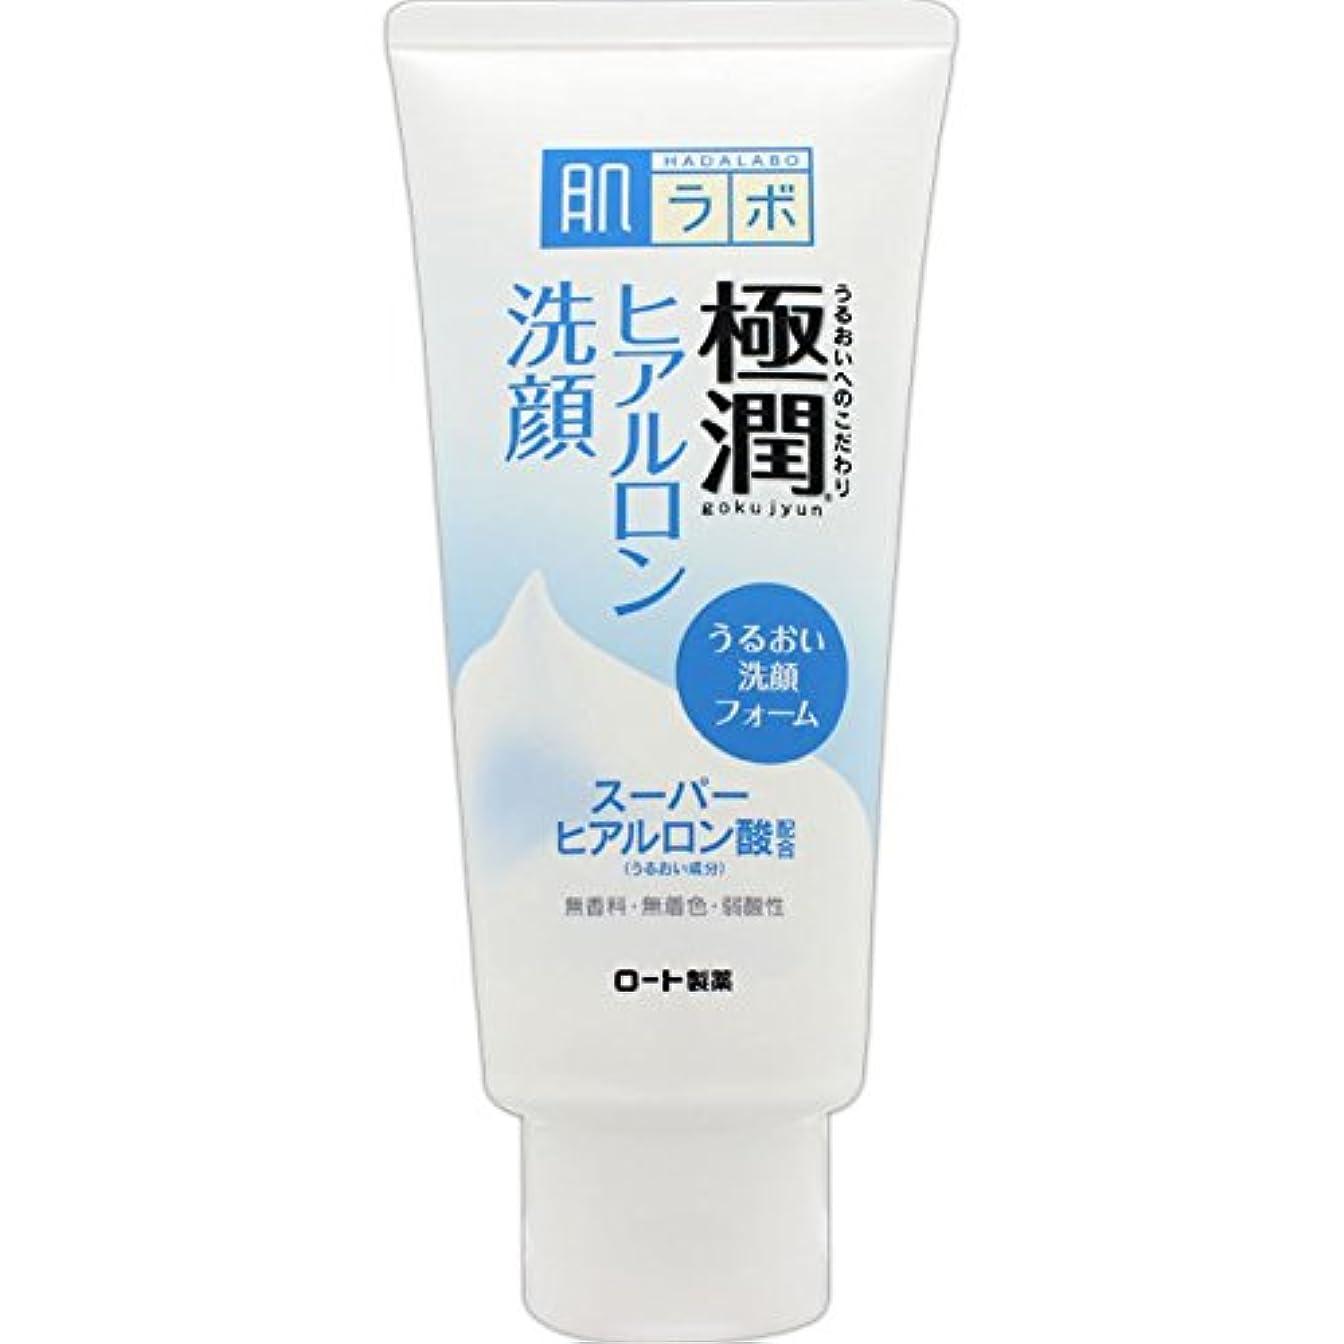 隔離するデータ続ける肌ラボ 極潤 ヒアルロン洗顔フォーム スーパーヒアルロン酸&吸着型ヒアルロン酸をW配合 100g